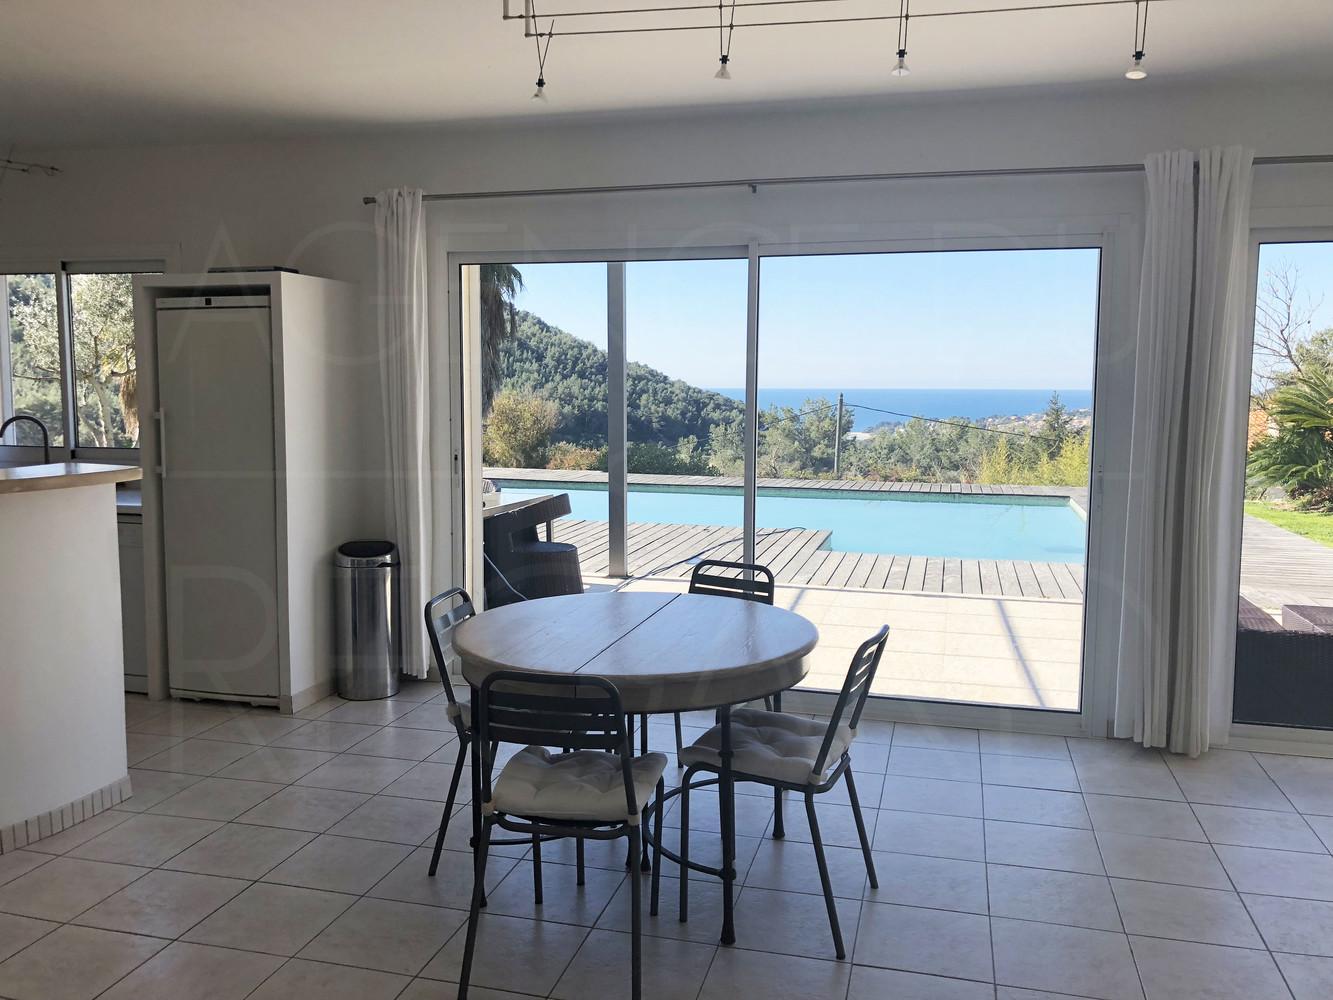 Maison vue mer a carqueiranne achete villa avec 4 for Agence brun paysage